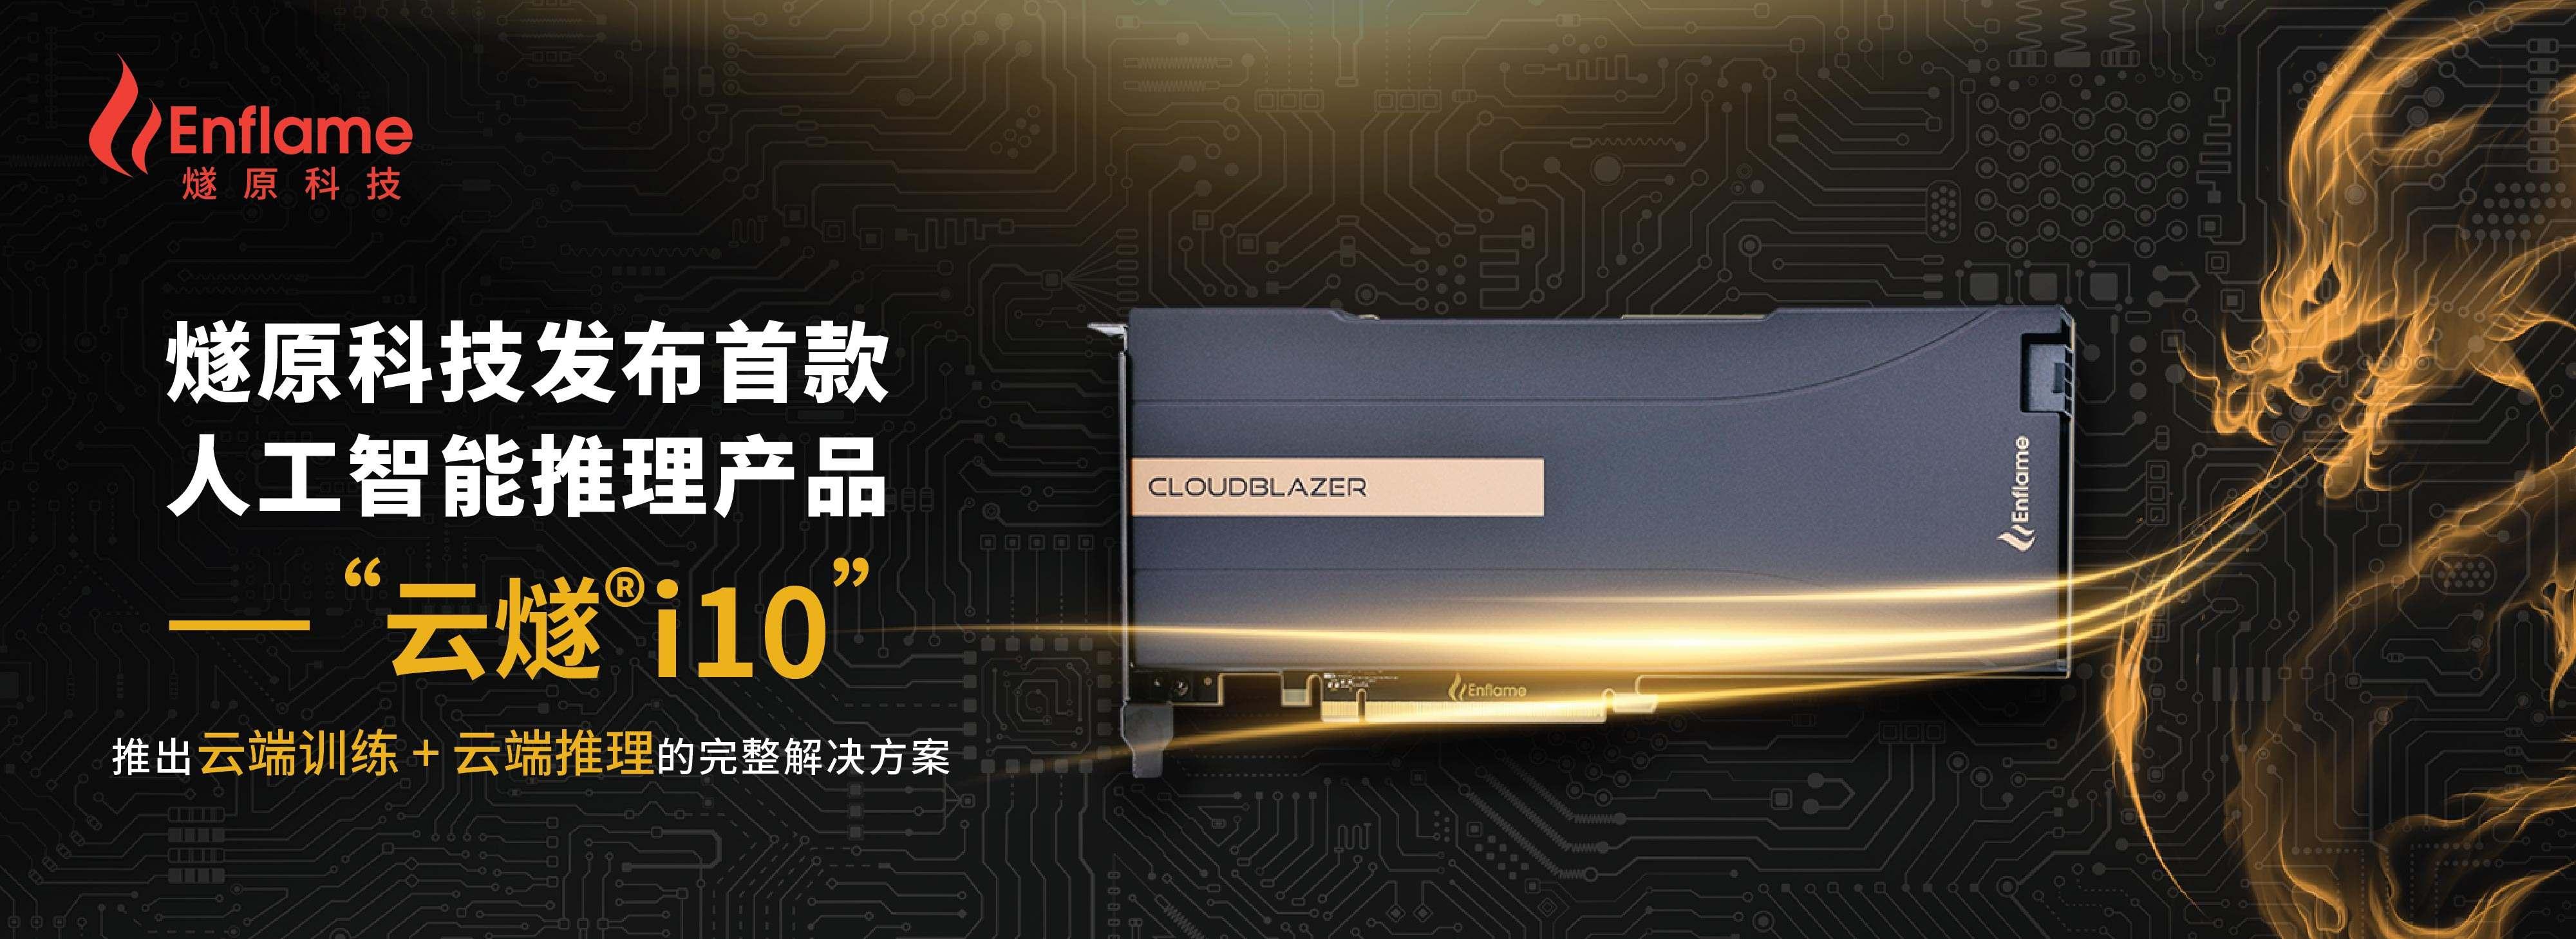 36氪首发 |「燧原科技」获18亿人民币C轮融资,研发高性能AI云端训练和推理芯片